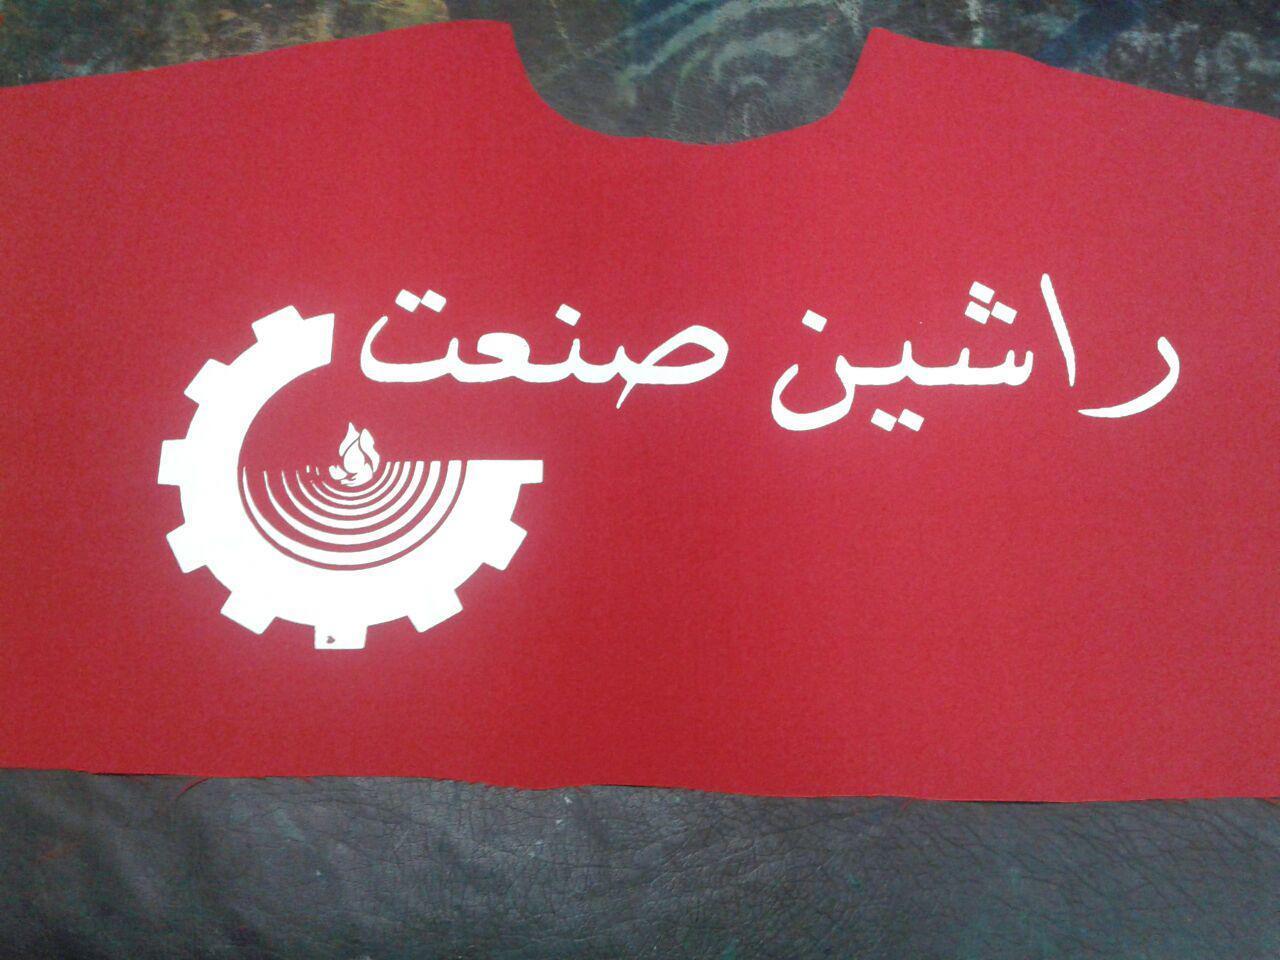 چاپ روی پیراهن